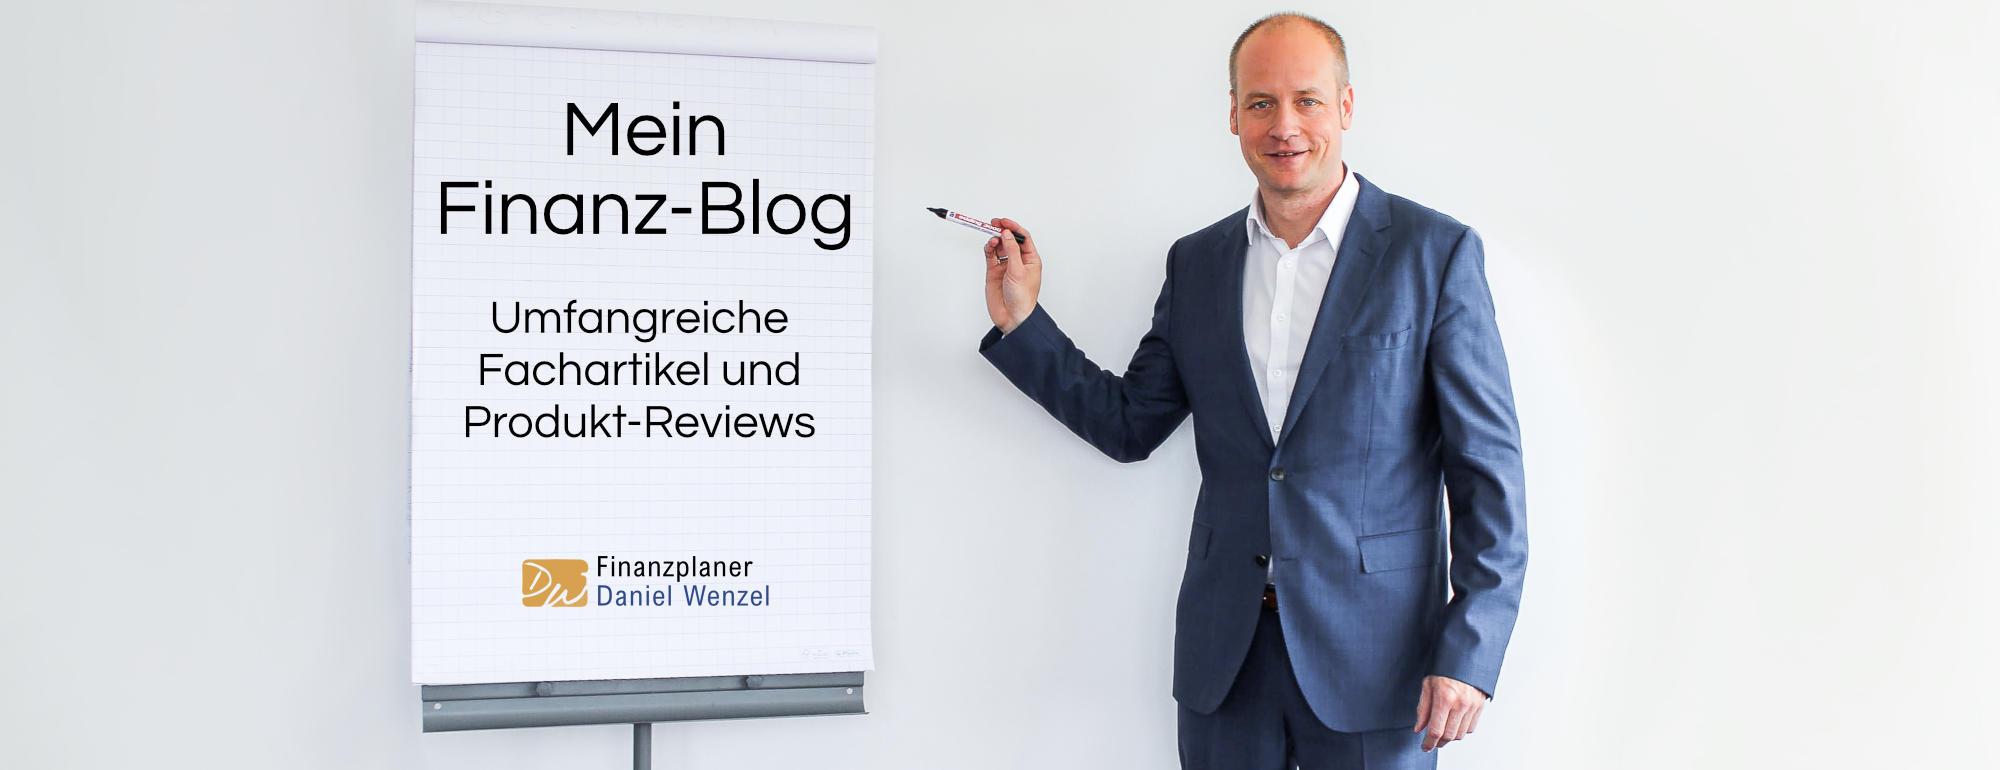 Finanz-Blog von Daniel Wenzel